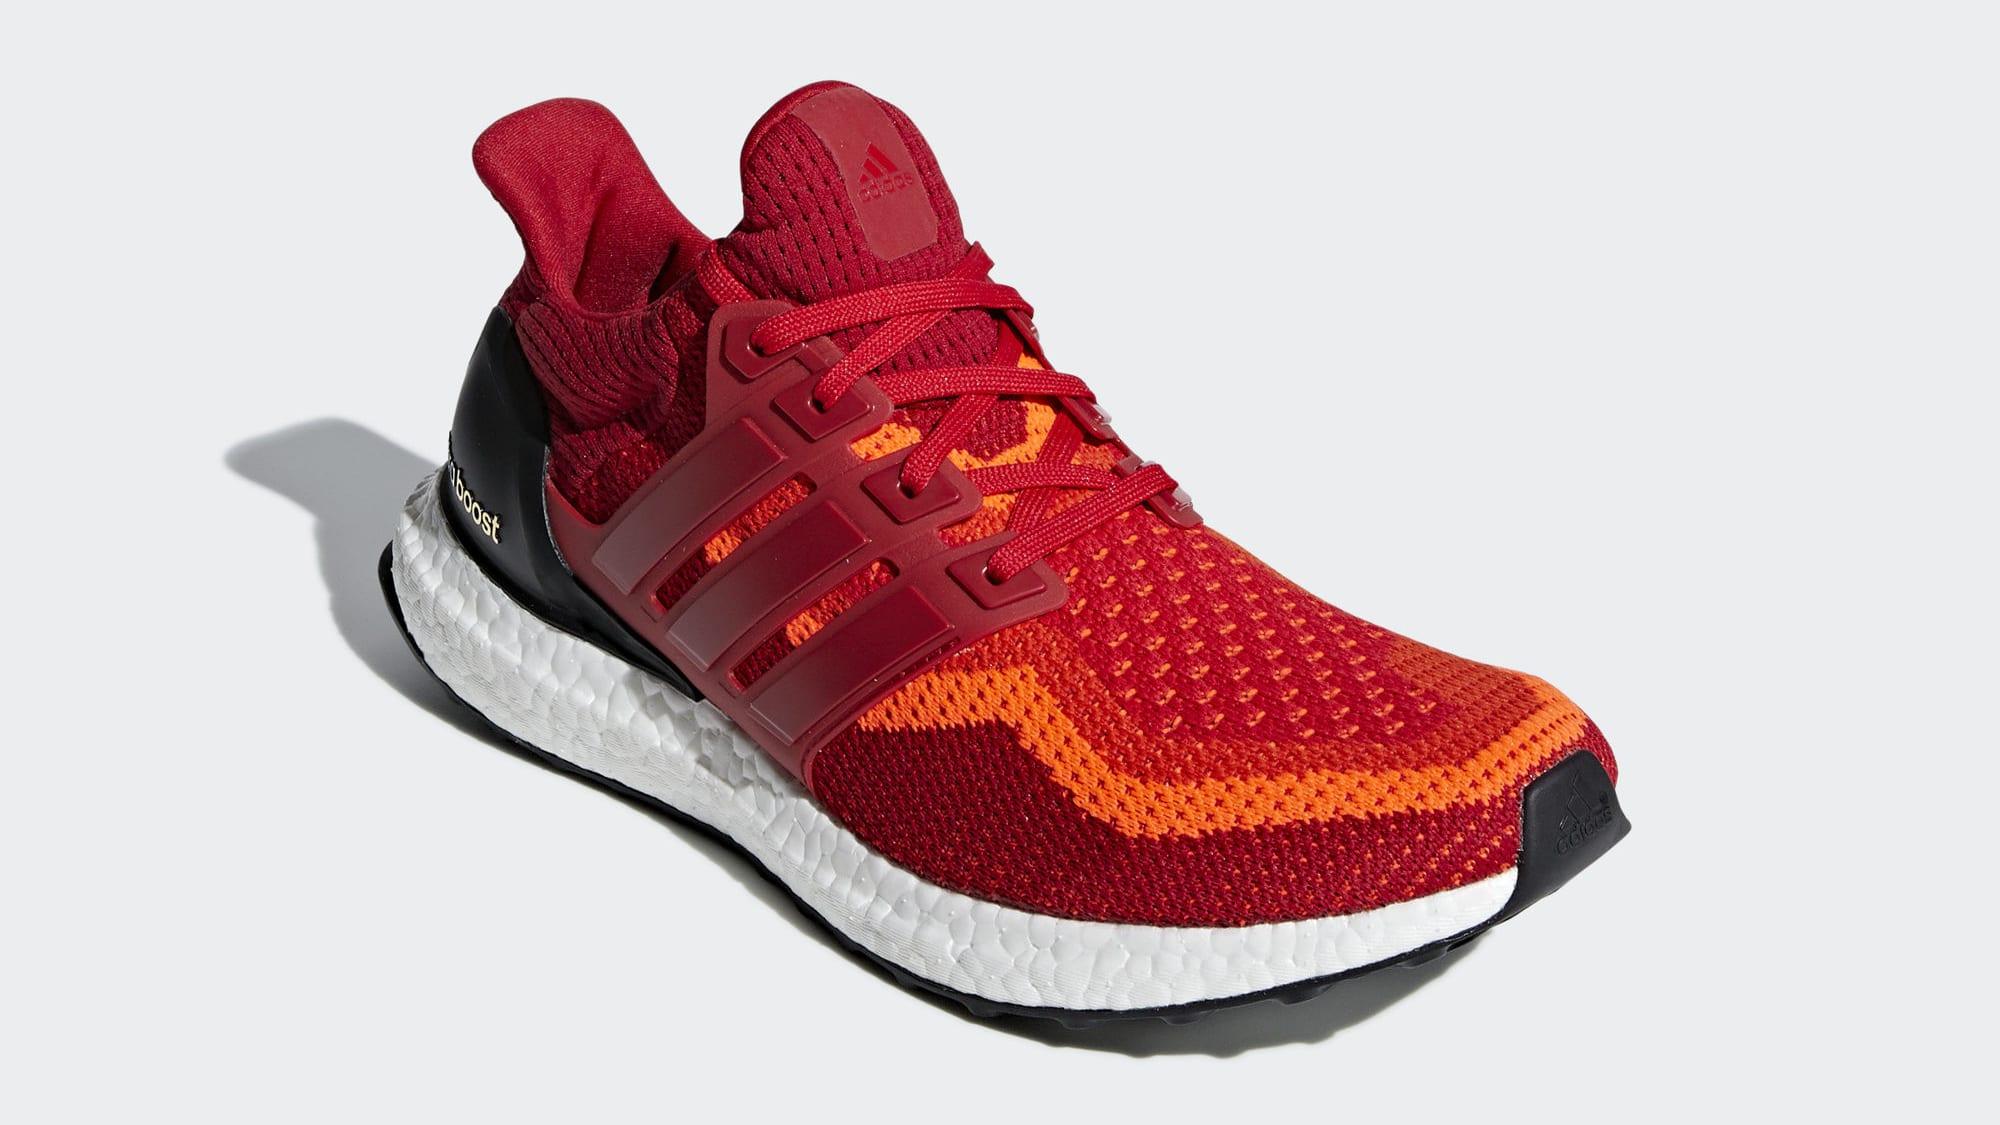 adidas-ultra-boost-2-0-red-gradient-aq4006-toe